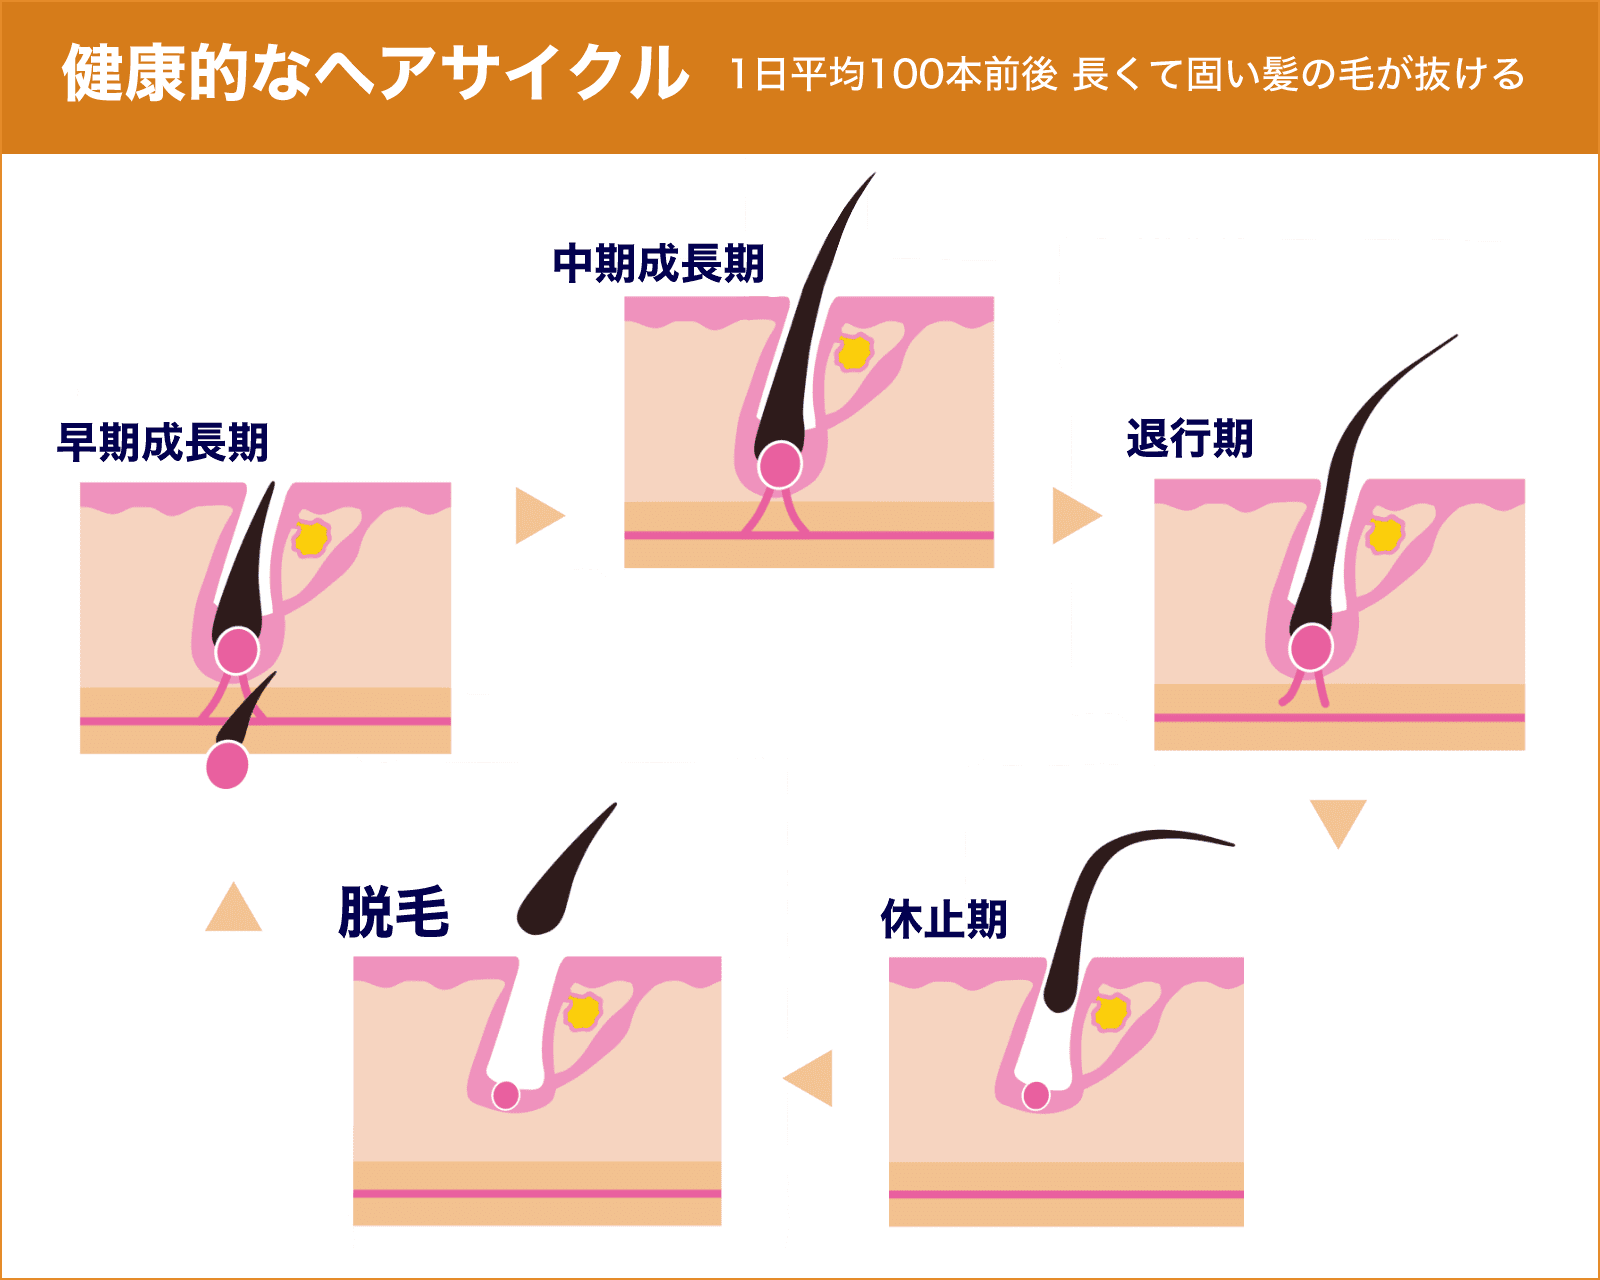 薄毛対策はヘアサイクル(毛周期)の仕組みを知ることから【AGA基礎知識】